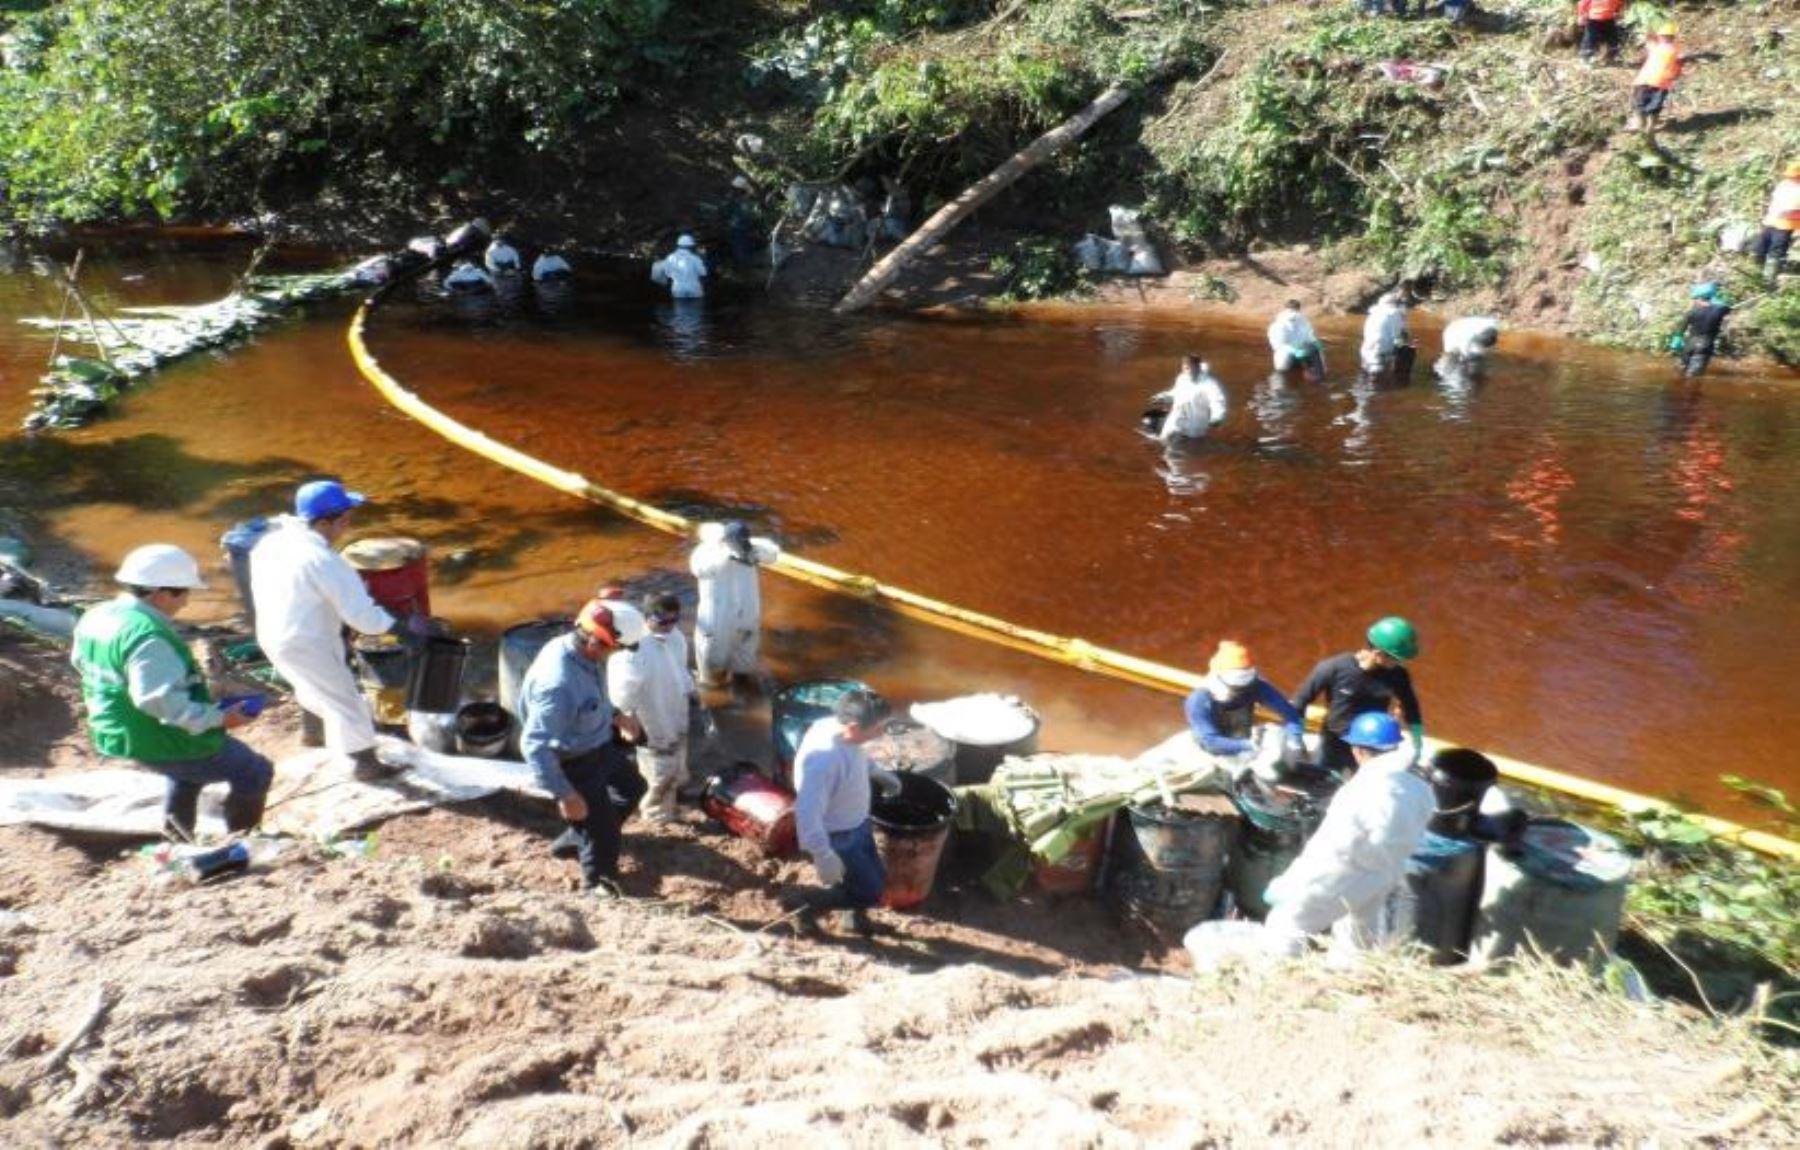 Un equipo de especialistas del Organismo de Evaluación y Fiscalización Ambiental (OEFA) tomó muestras de agua superficial en la quebrada de Uchichangos y verifica si la fuga de petróleo en el Oleoducto Nor Peruano afecta al río Nieva, se informó hoy.